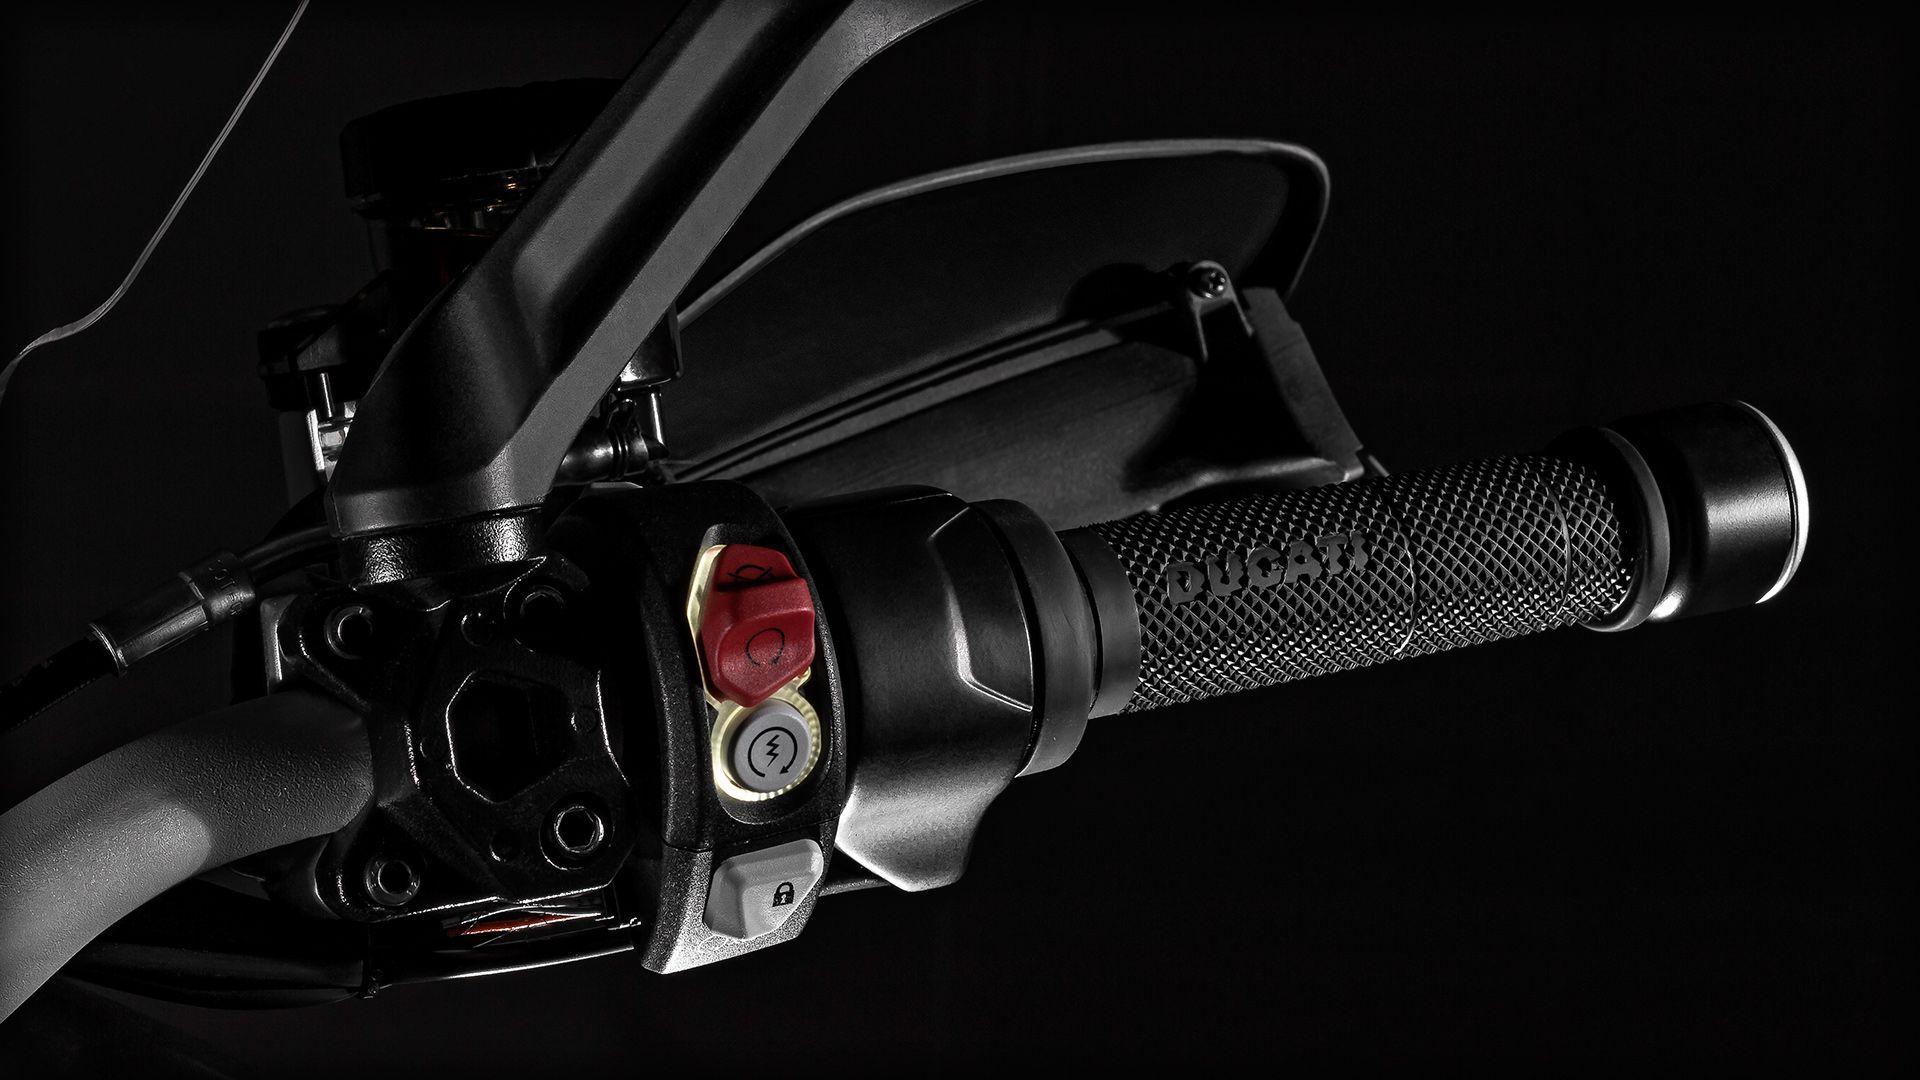 2015 Ducati MULTISTRADA 1200 | Multistrada 1200 S - Handlebar